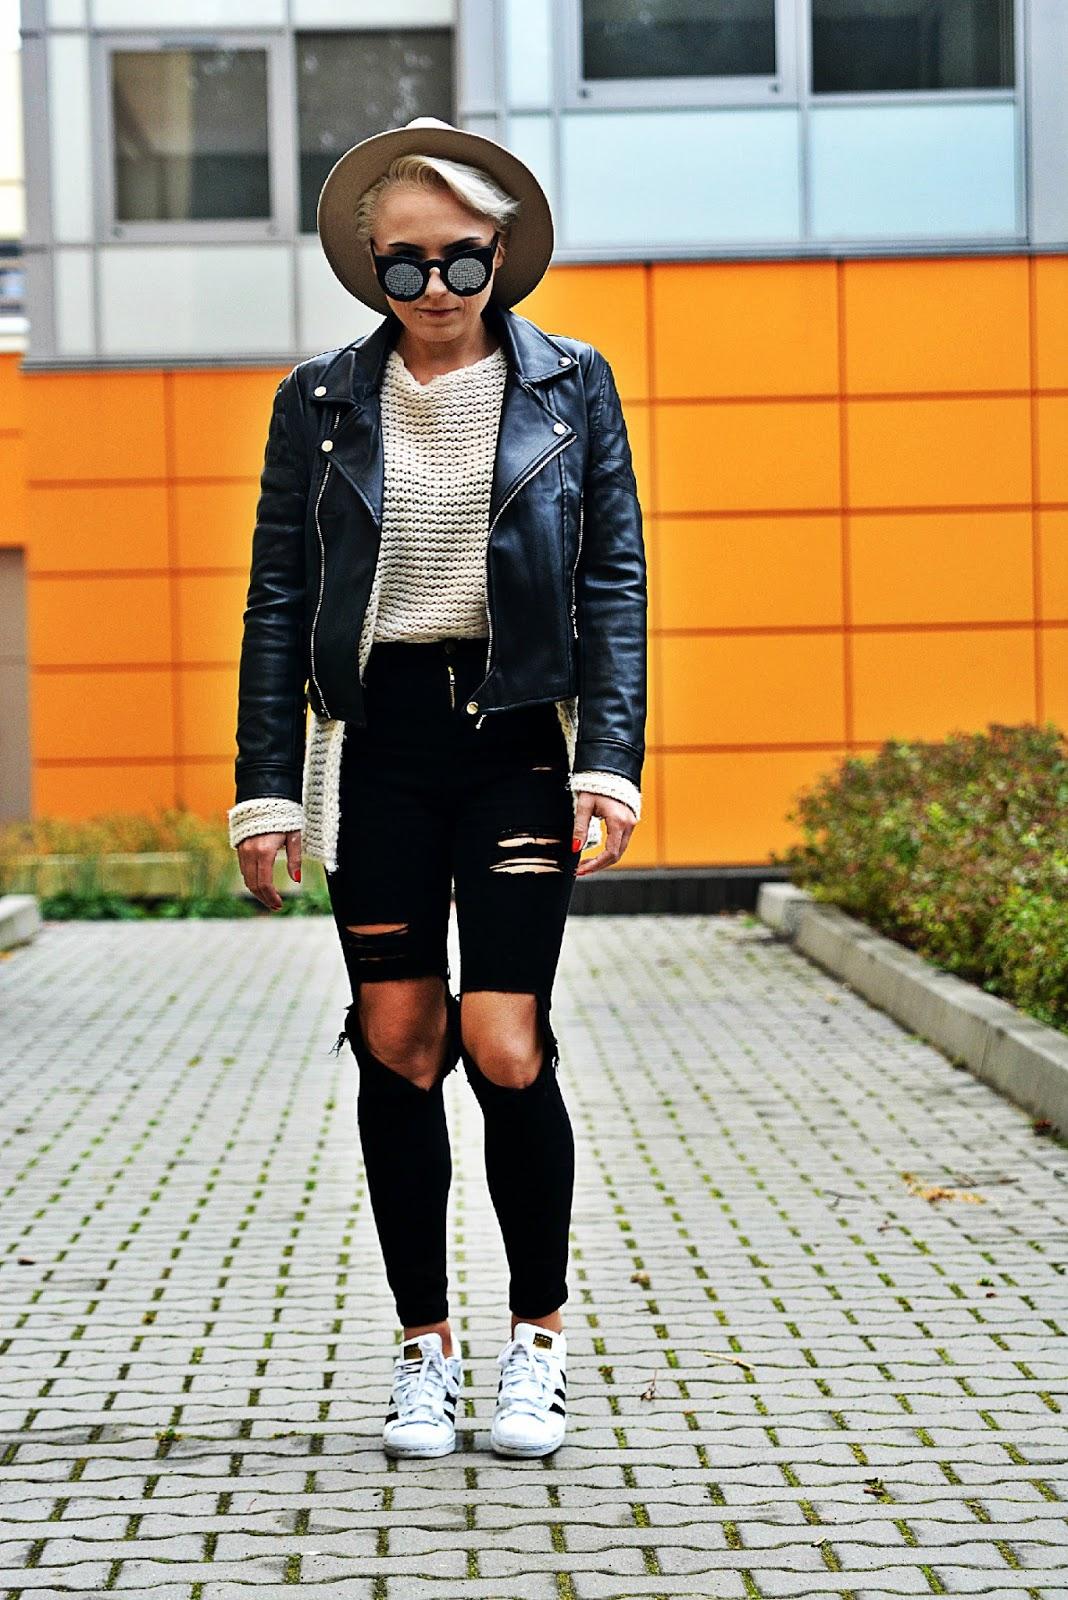 blogerka_modowa_blog_pulawy_karyn_look